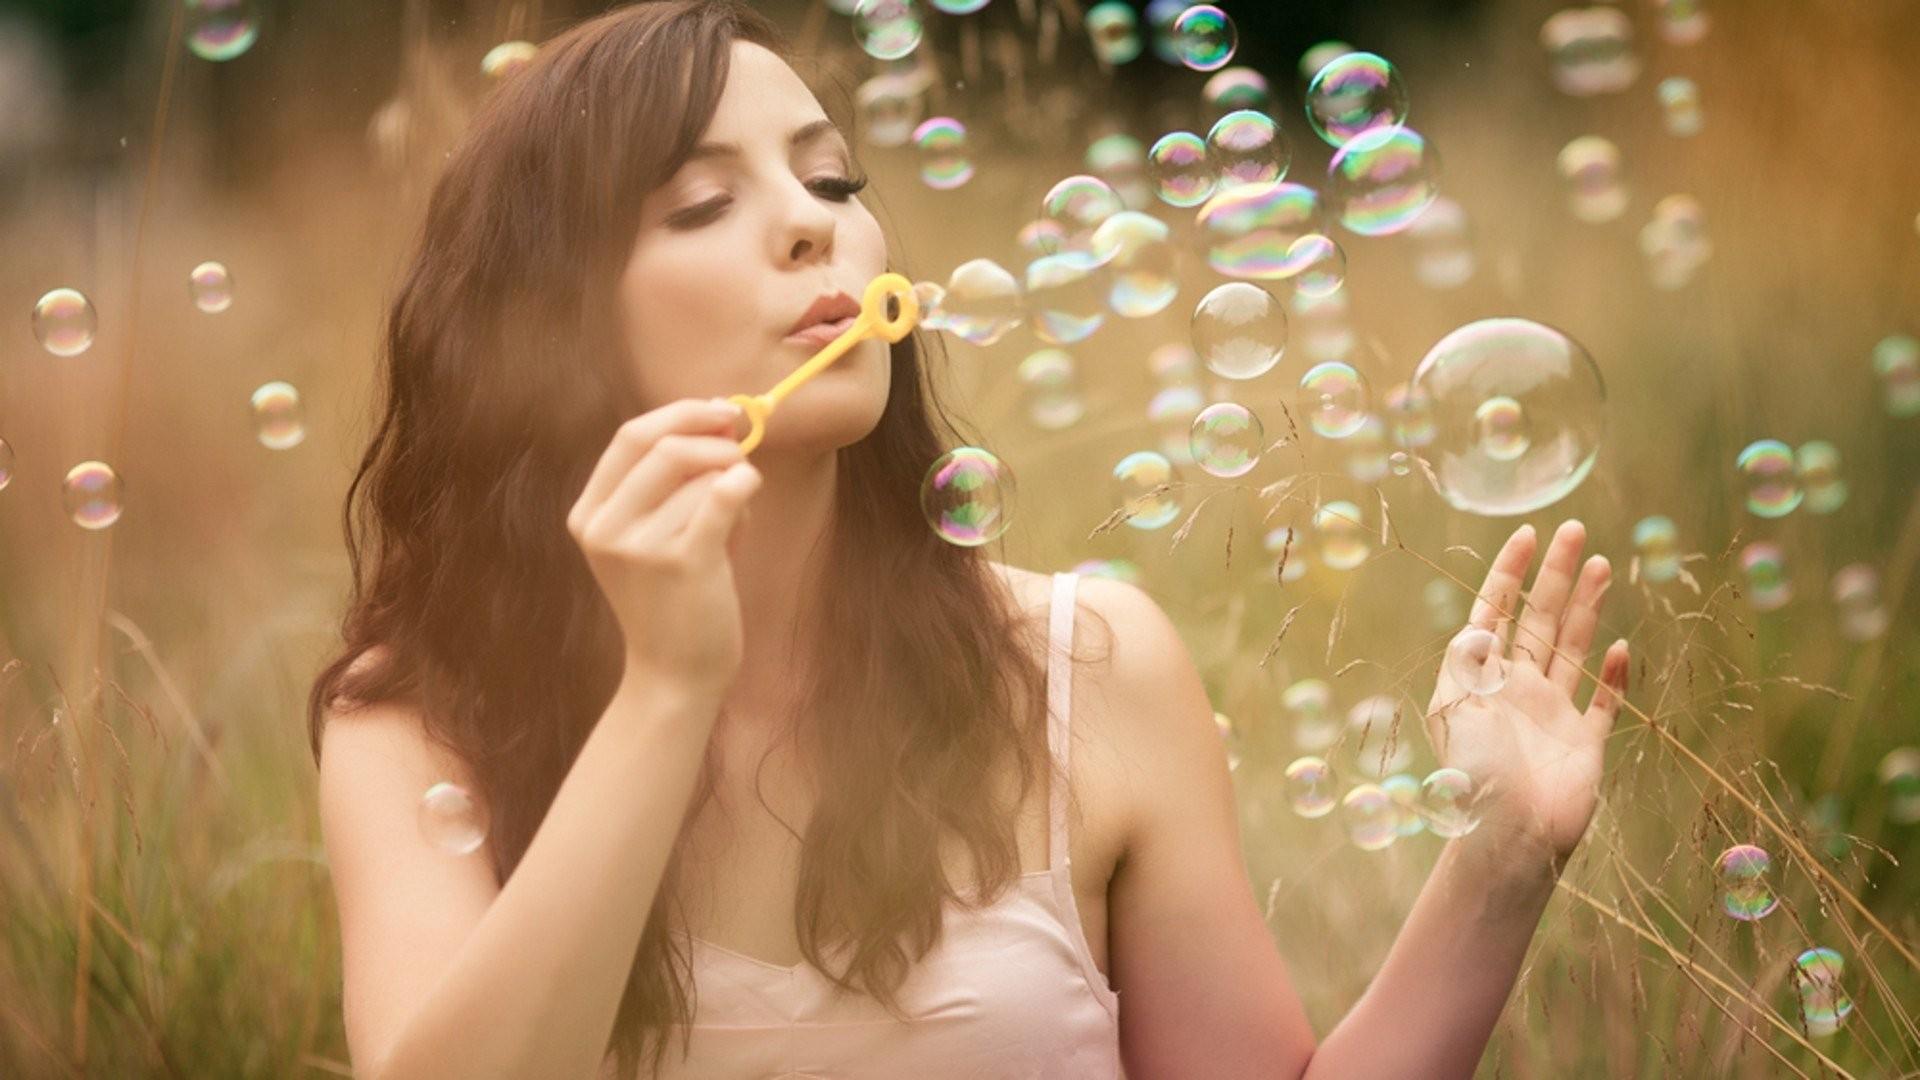 Сон, в котором вы видите или пускаете красивые мыльные пузыри — говорит о том, что ваши мечты имеют мало отношения к действительности и наяву вам явно не мешает заняться более перспективными делами.